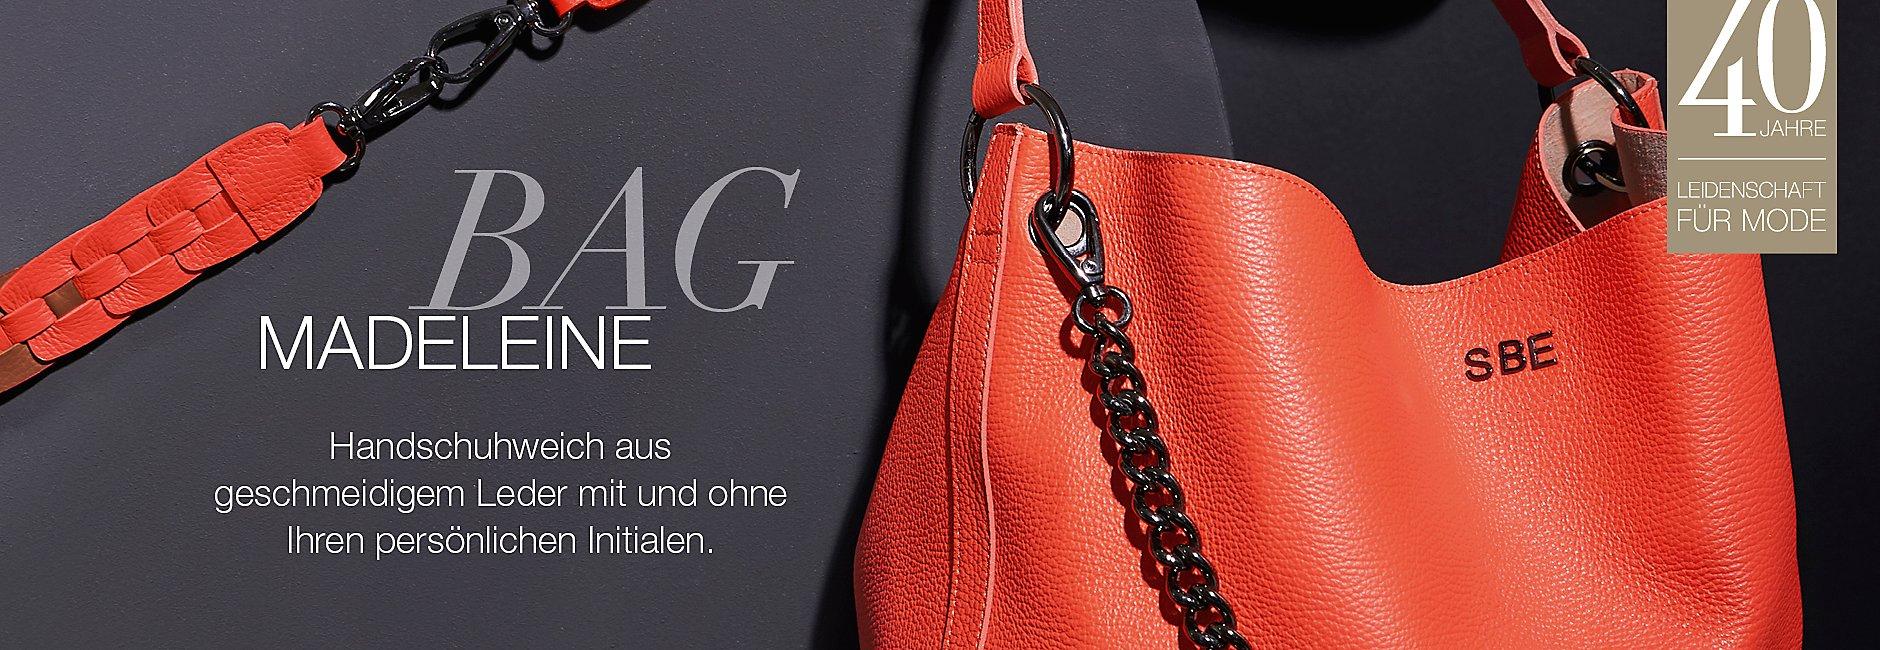 My MADELEINE-BAG aus geschmeidigem Leder